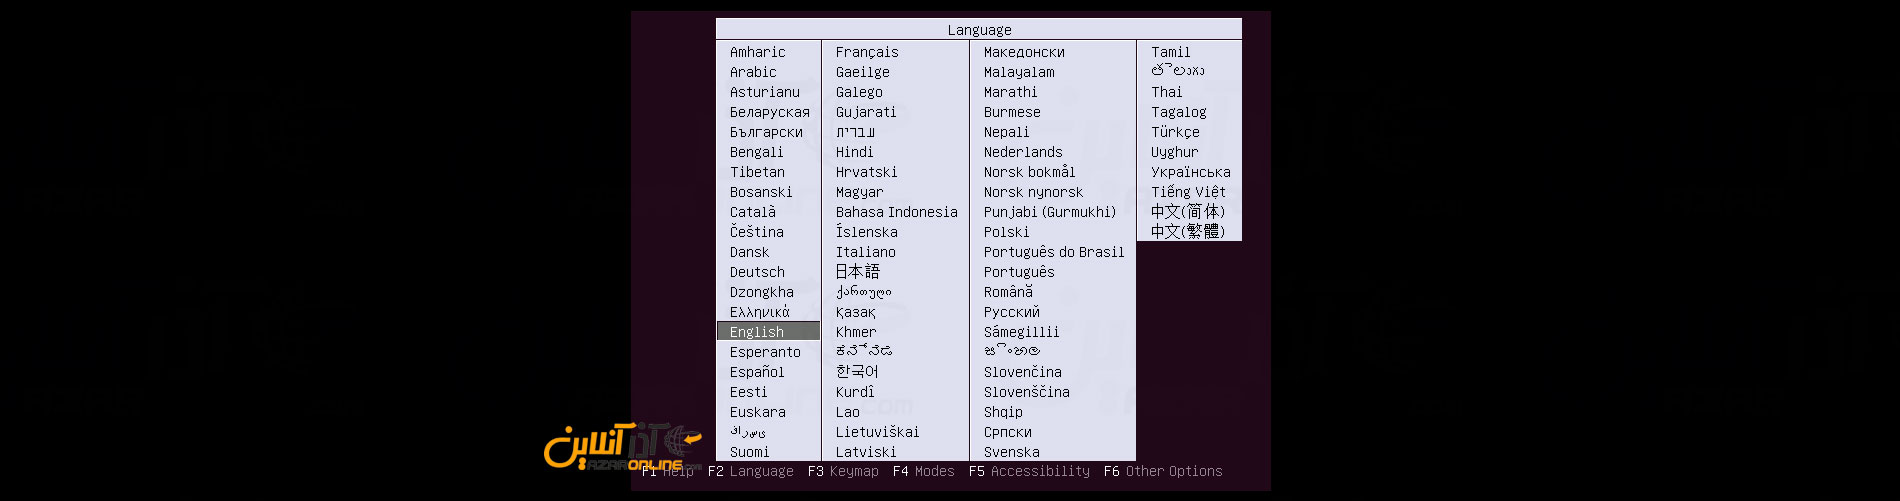 انتخاب زبان نصب ابونتو 17